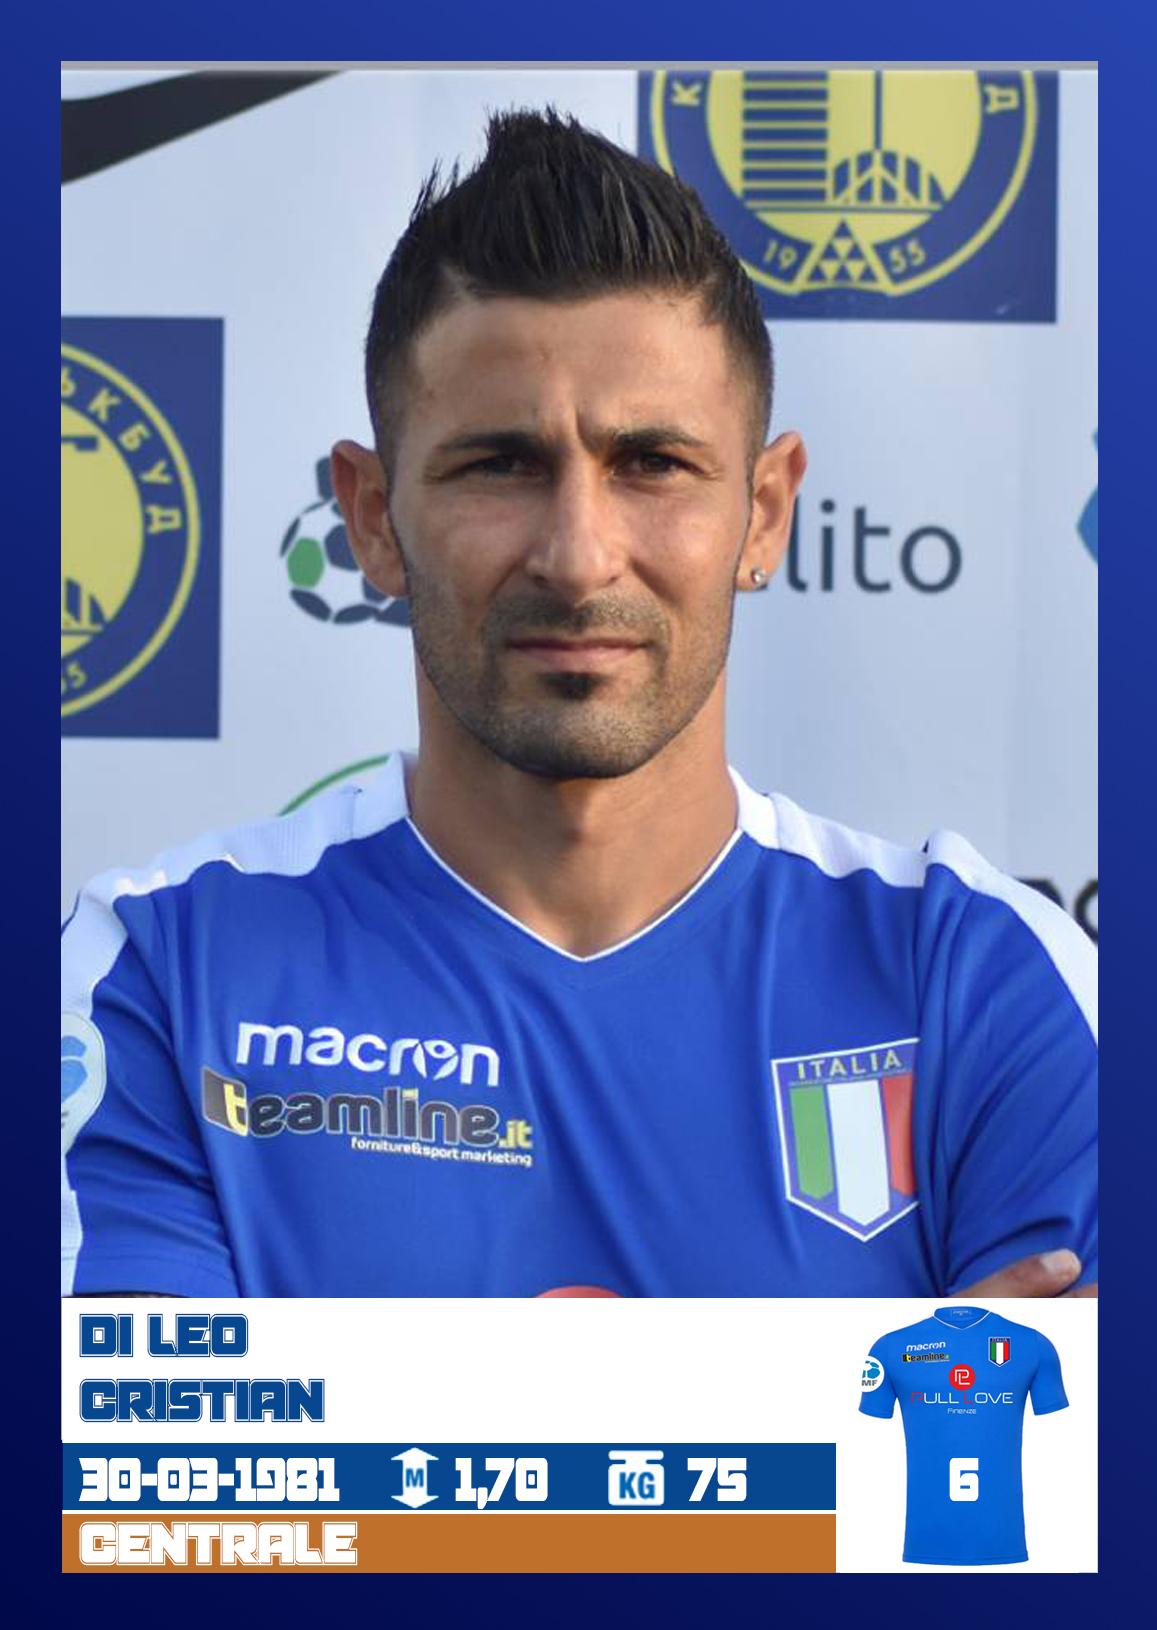 Cristian Di Leo